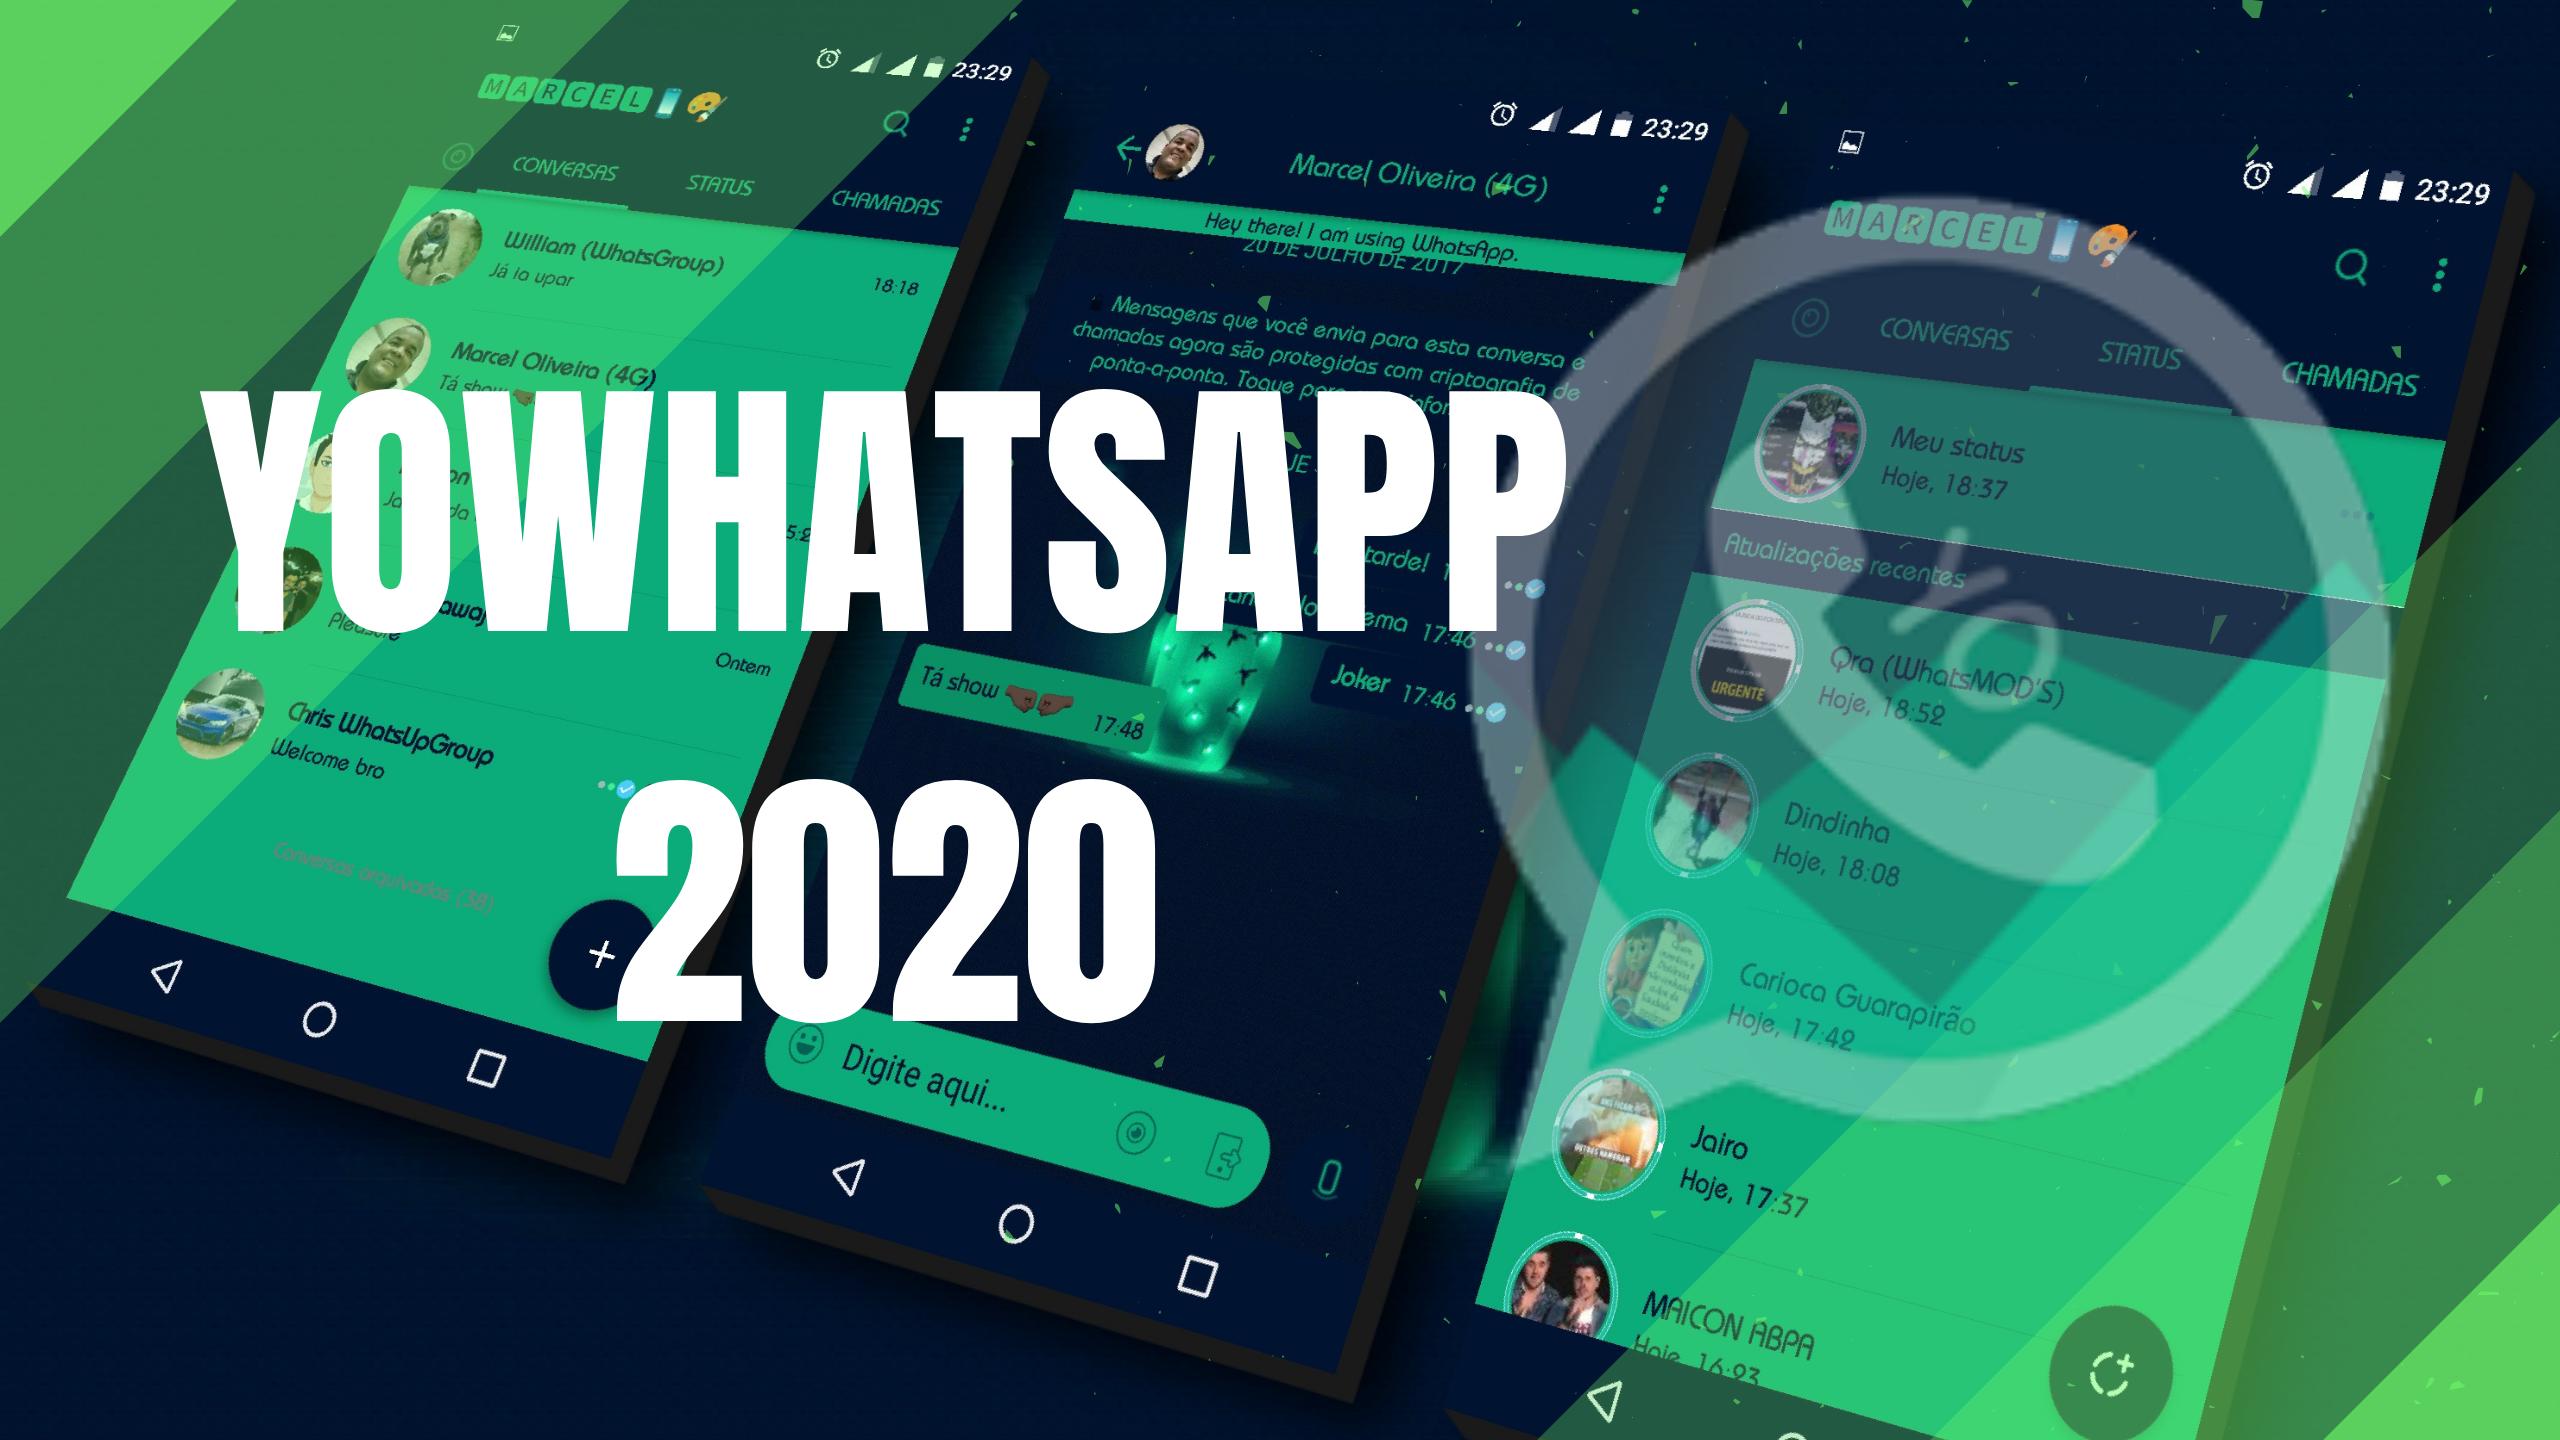 YoWhatsapp 9.10 APK Download Grátis atualizado 2020 em